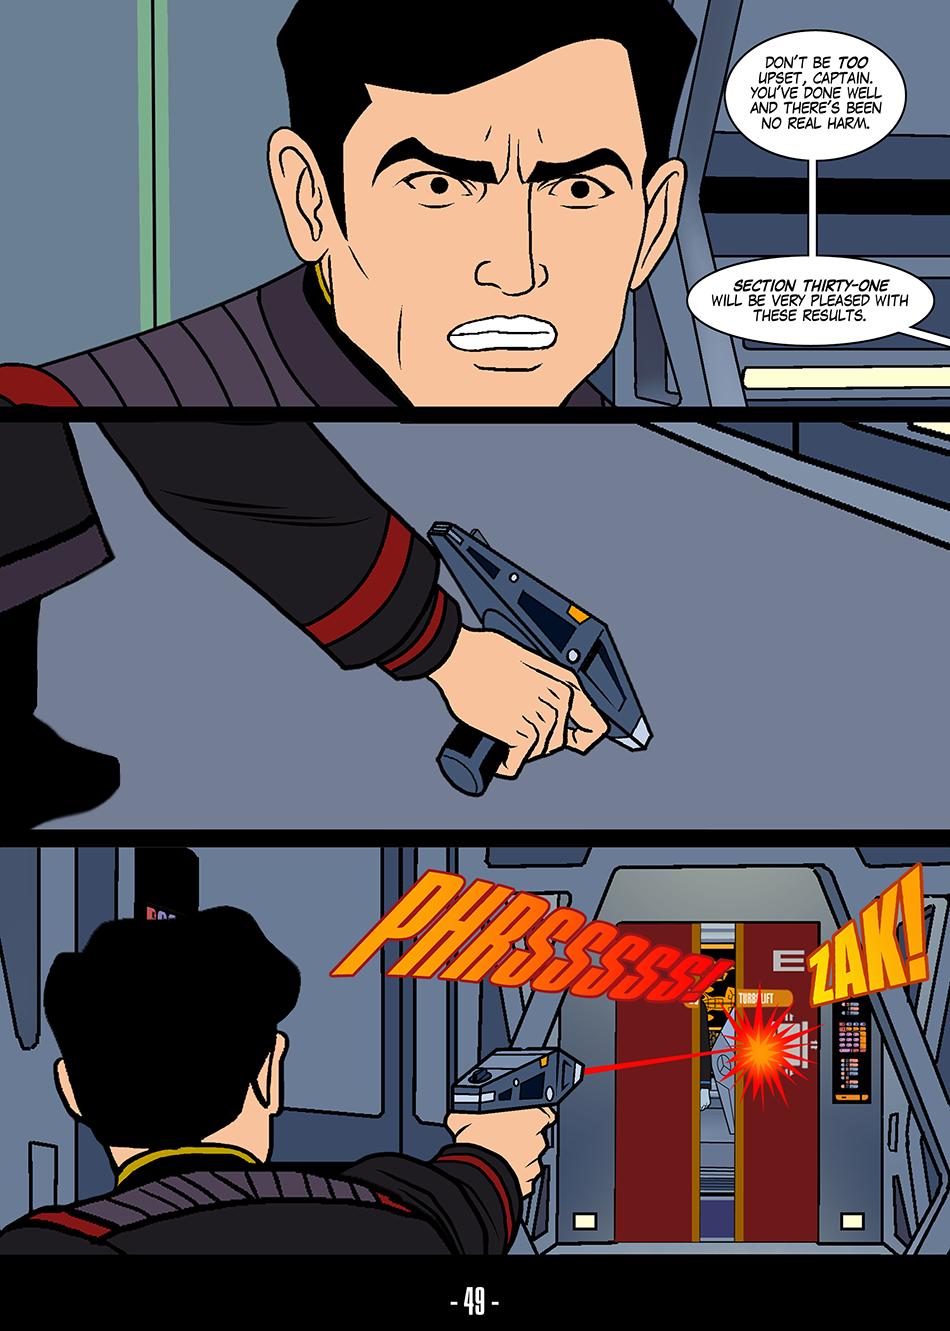 Enterpise-G  Episode 1  Where No Man Can Go  Page 49